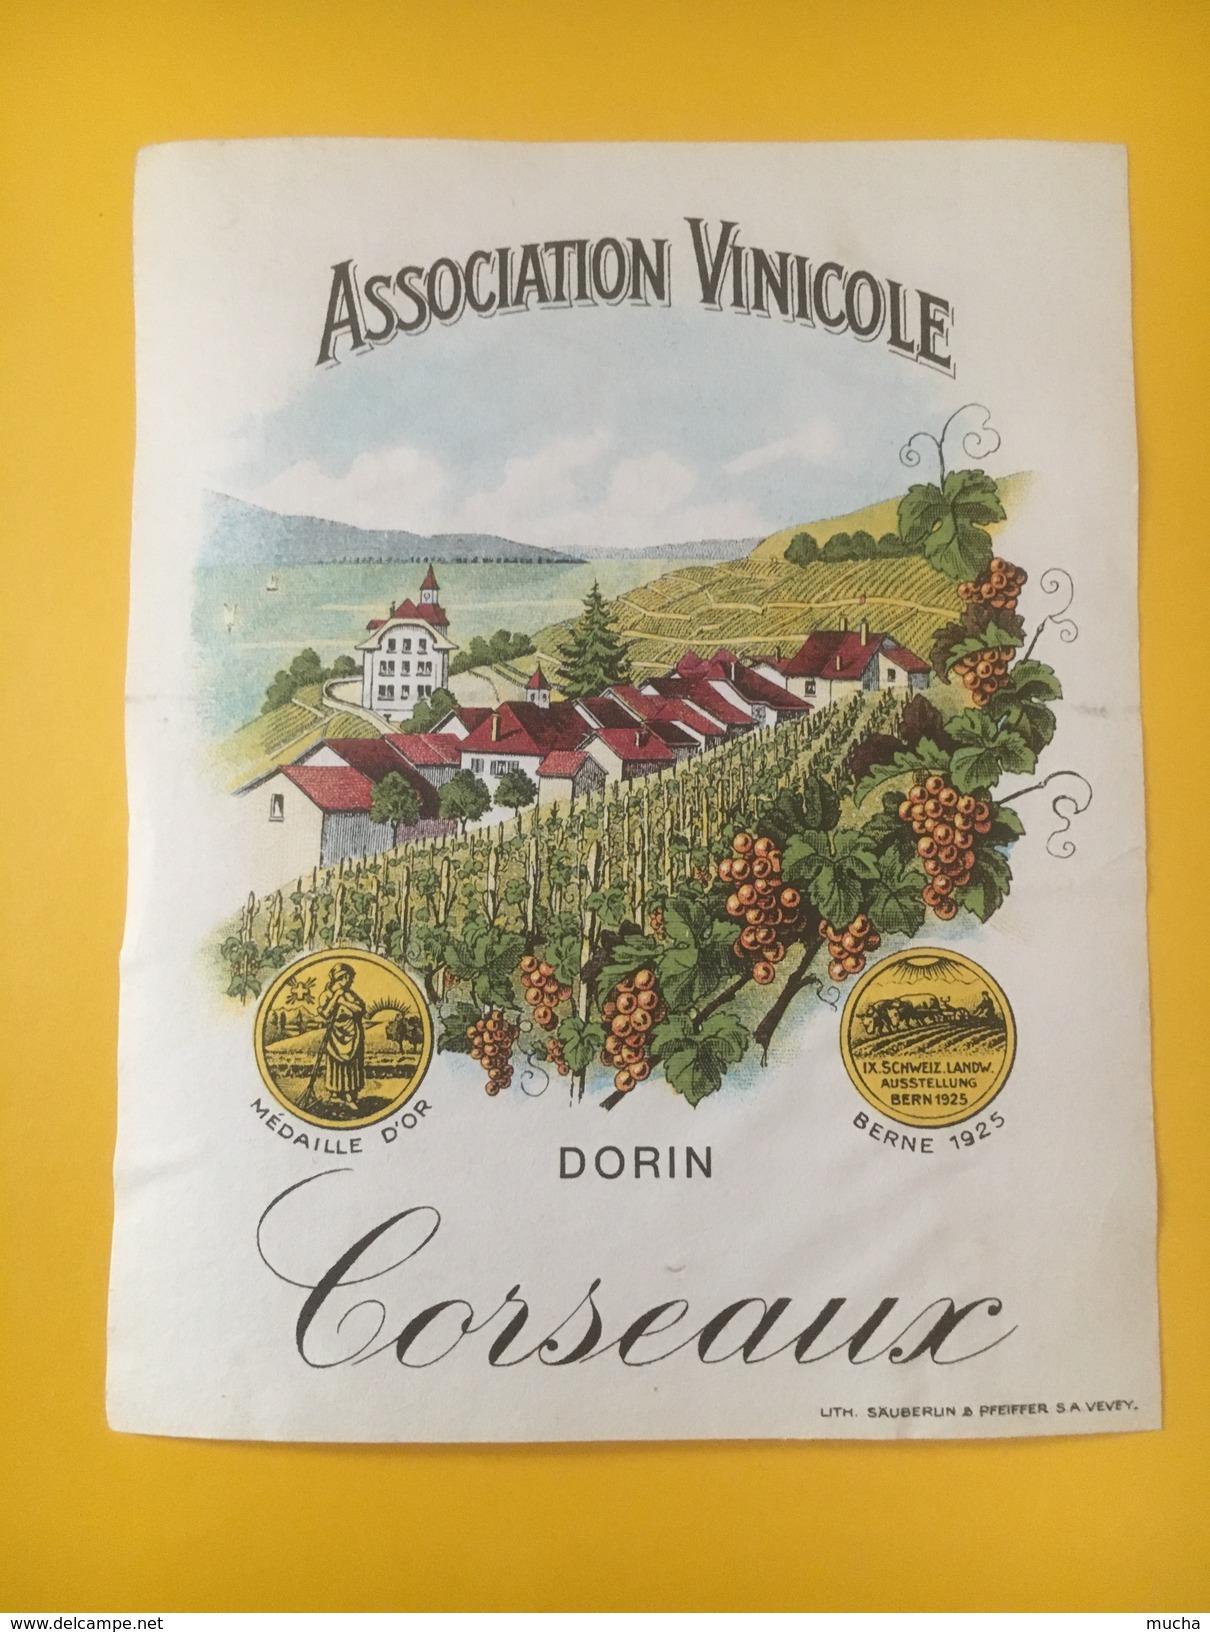 2797 - Suisse Vaud Dorin Association Vinicole Corseaux - Autres